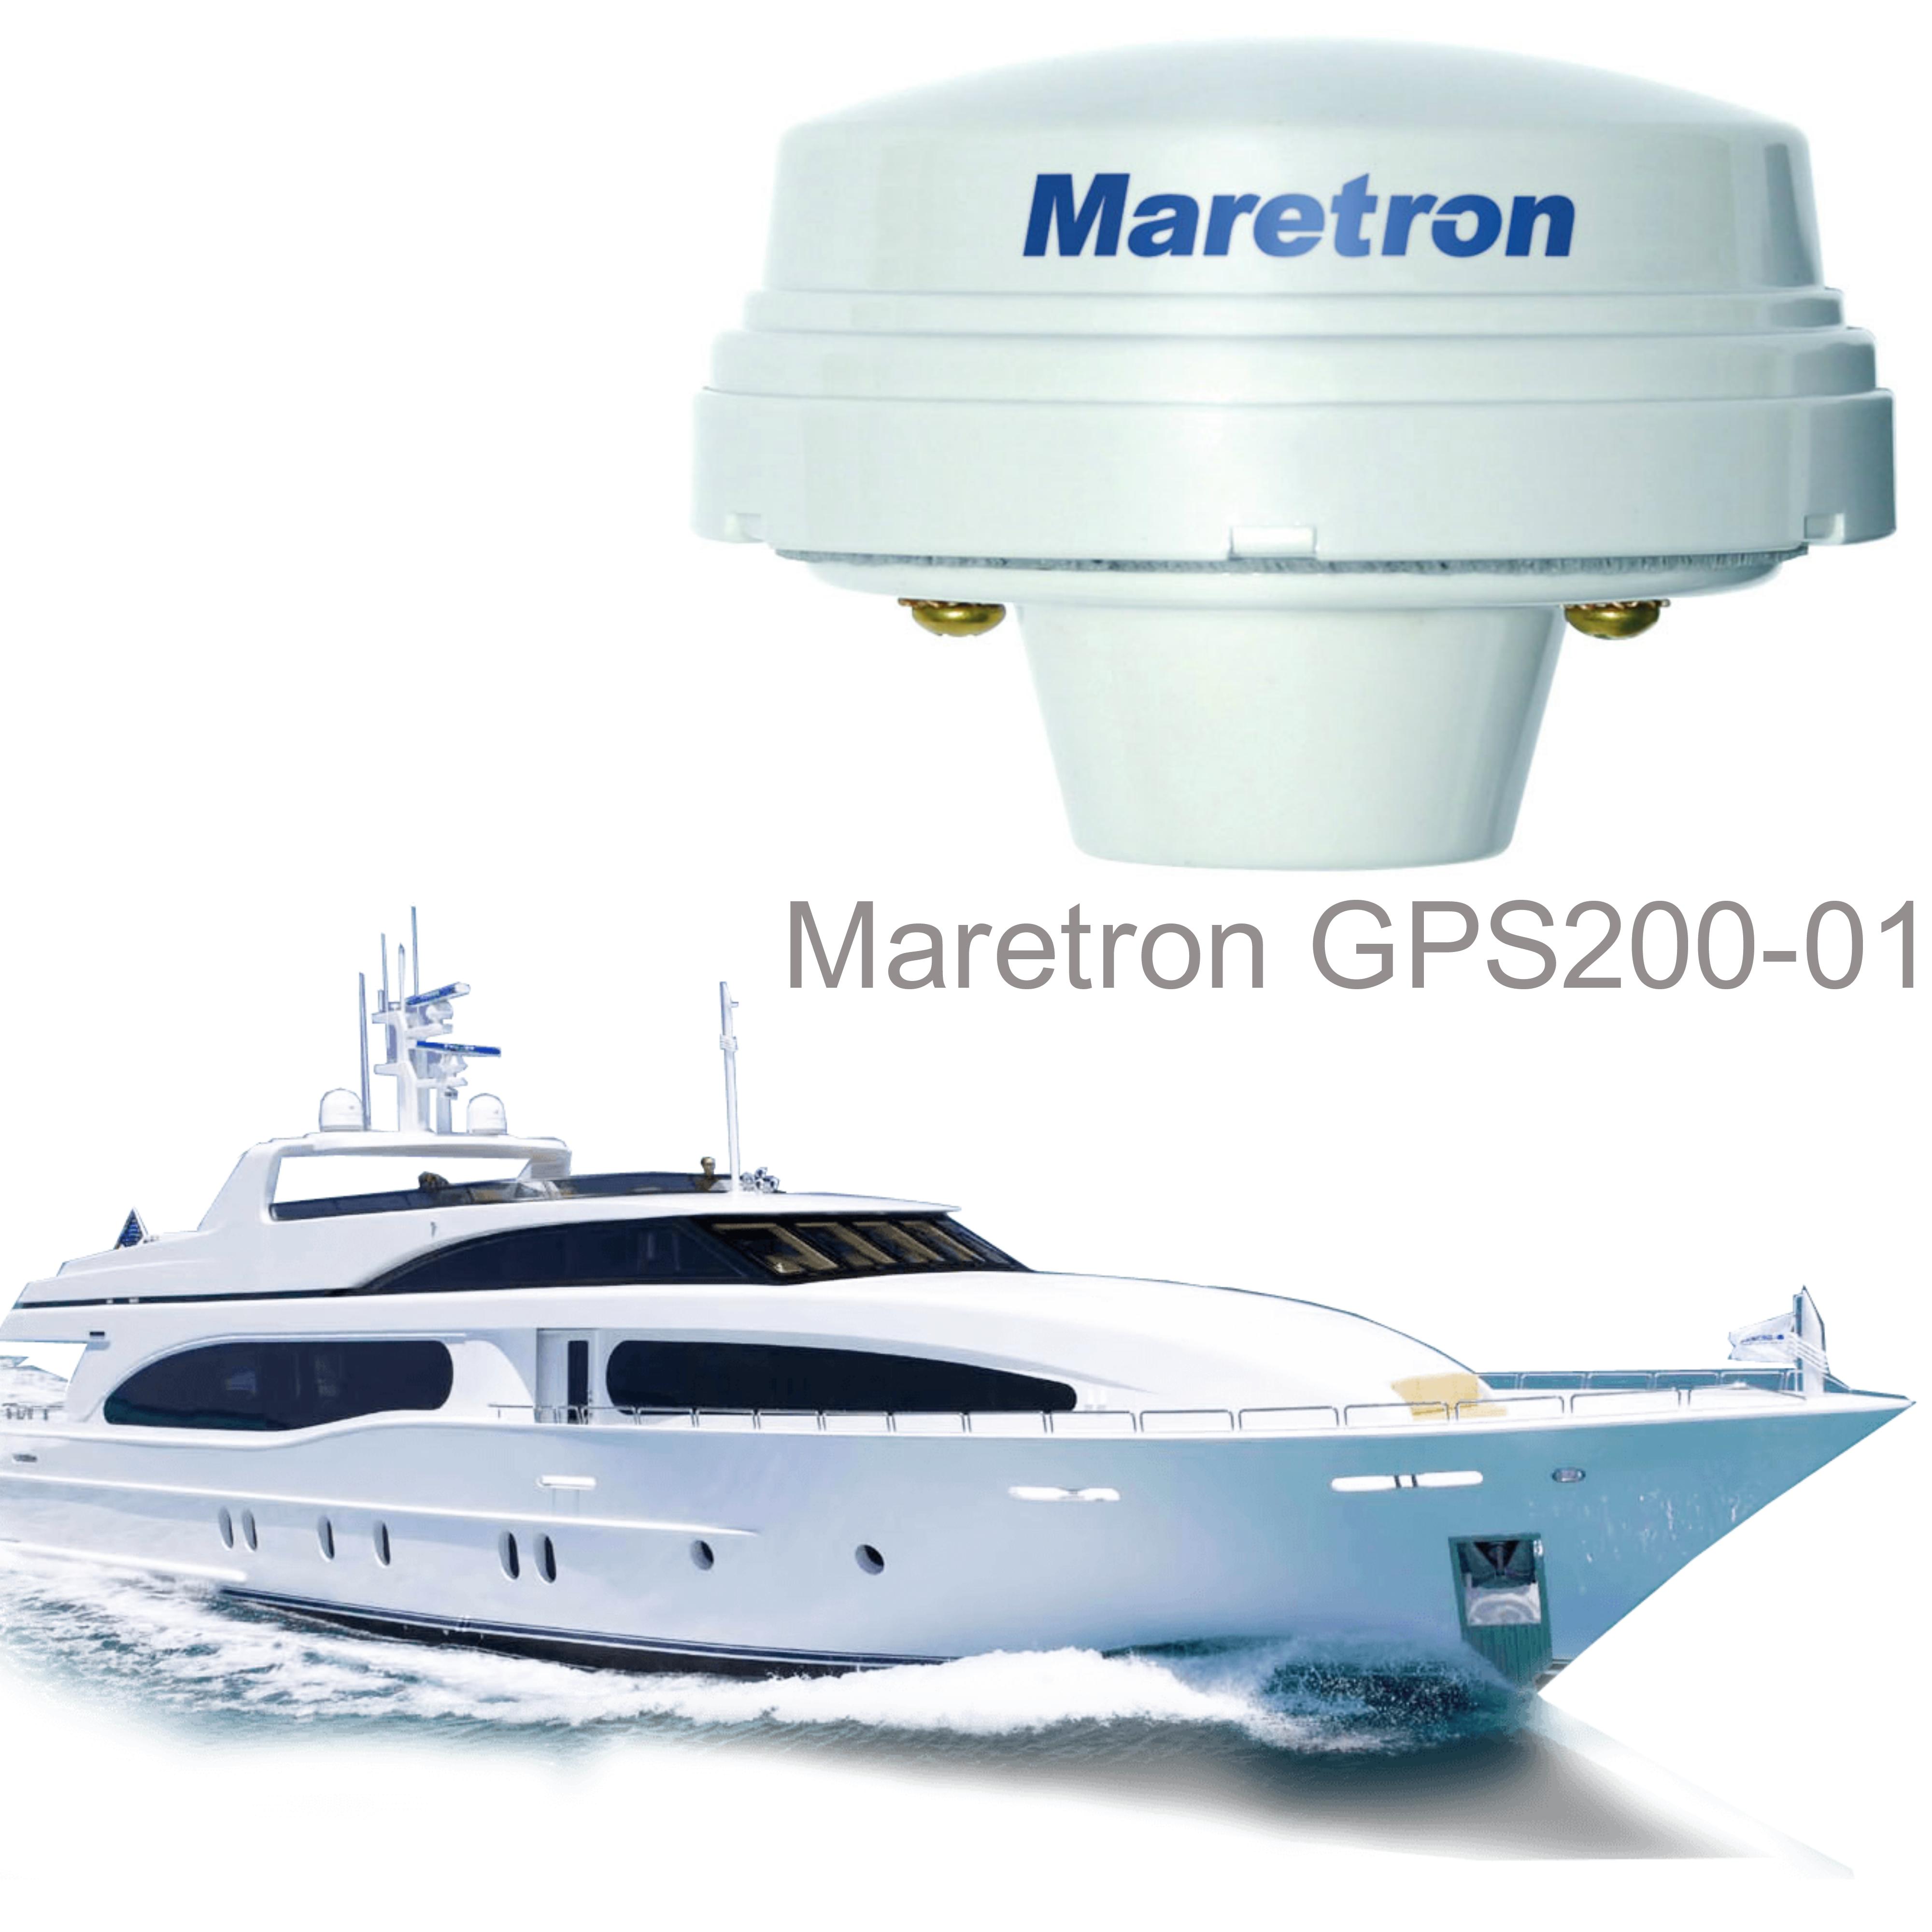 Maretron-GPS200-01|GPS Antenna/Receiver|NMEA  2000|Navigation-AIS|WAAS/MSAS|For Marine